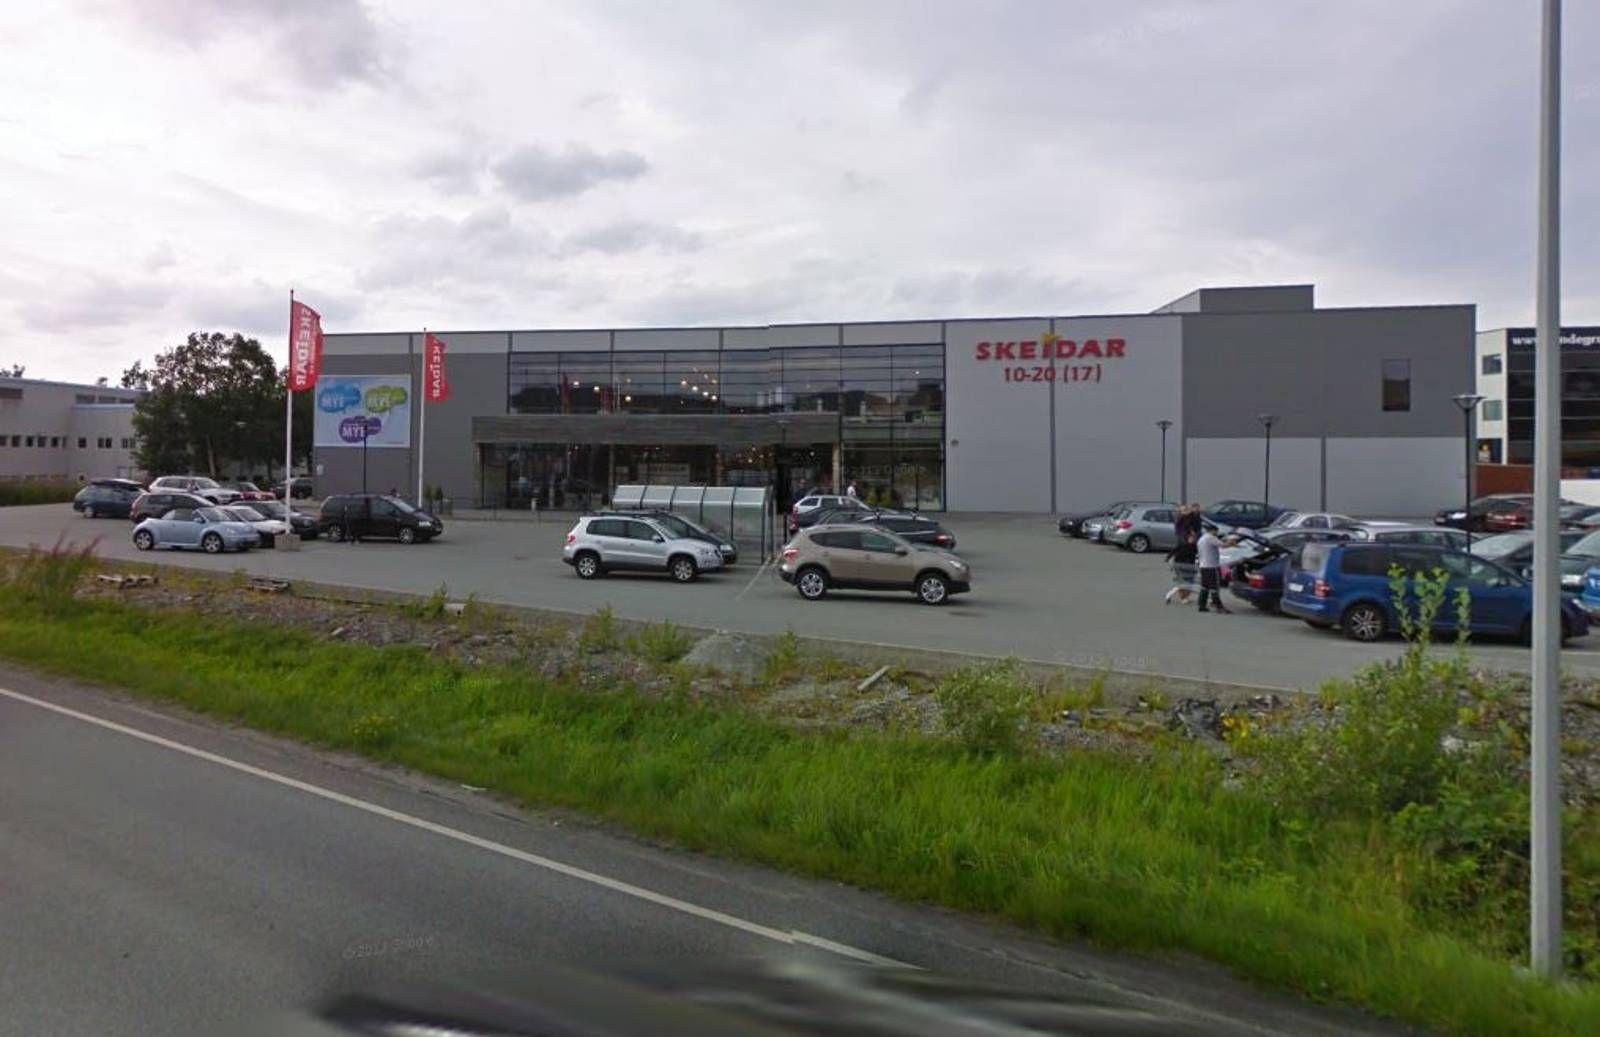 Modernistisk Ikke plass til to Skeidar-butikker - Stavanger Aftenblad IB-71